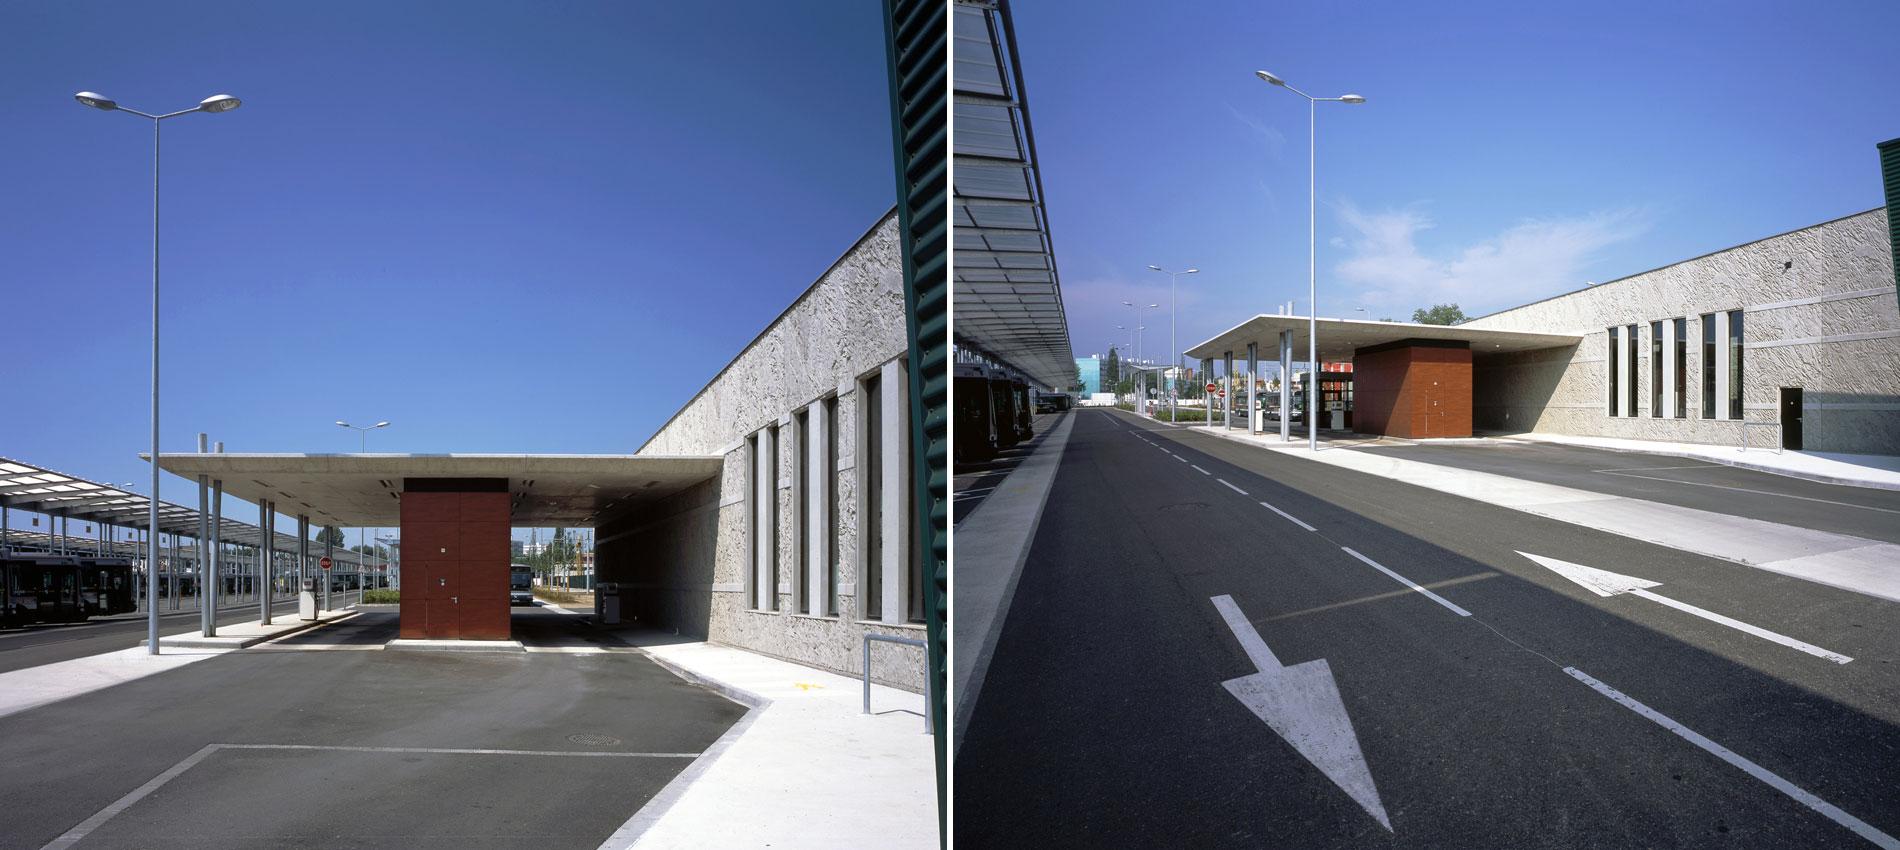 Centre de maintenance de tramway et bus - Agglomération strasbourgeoise